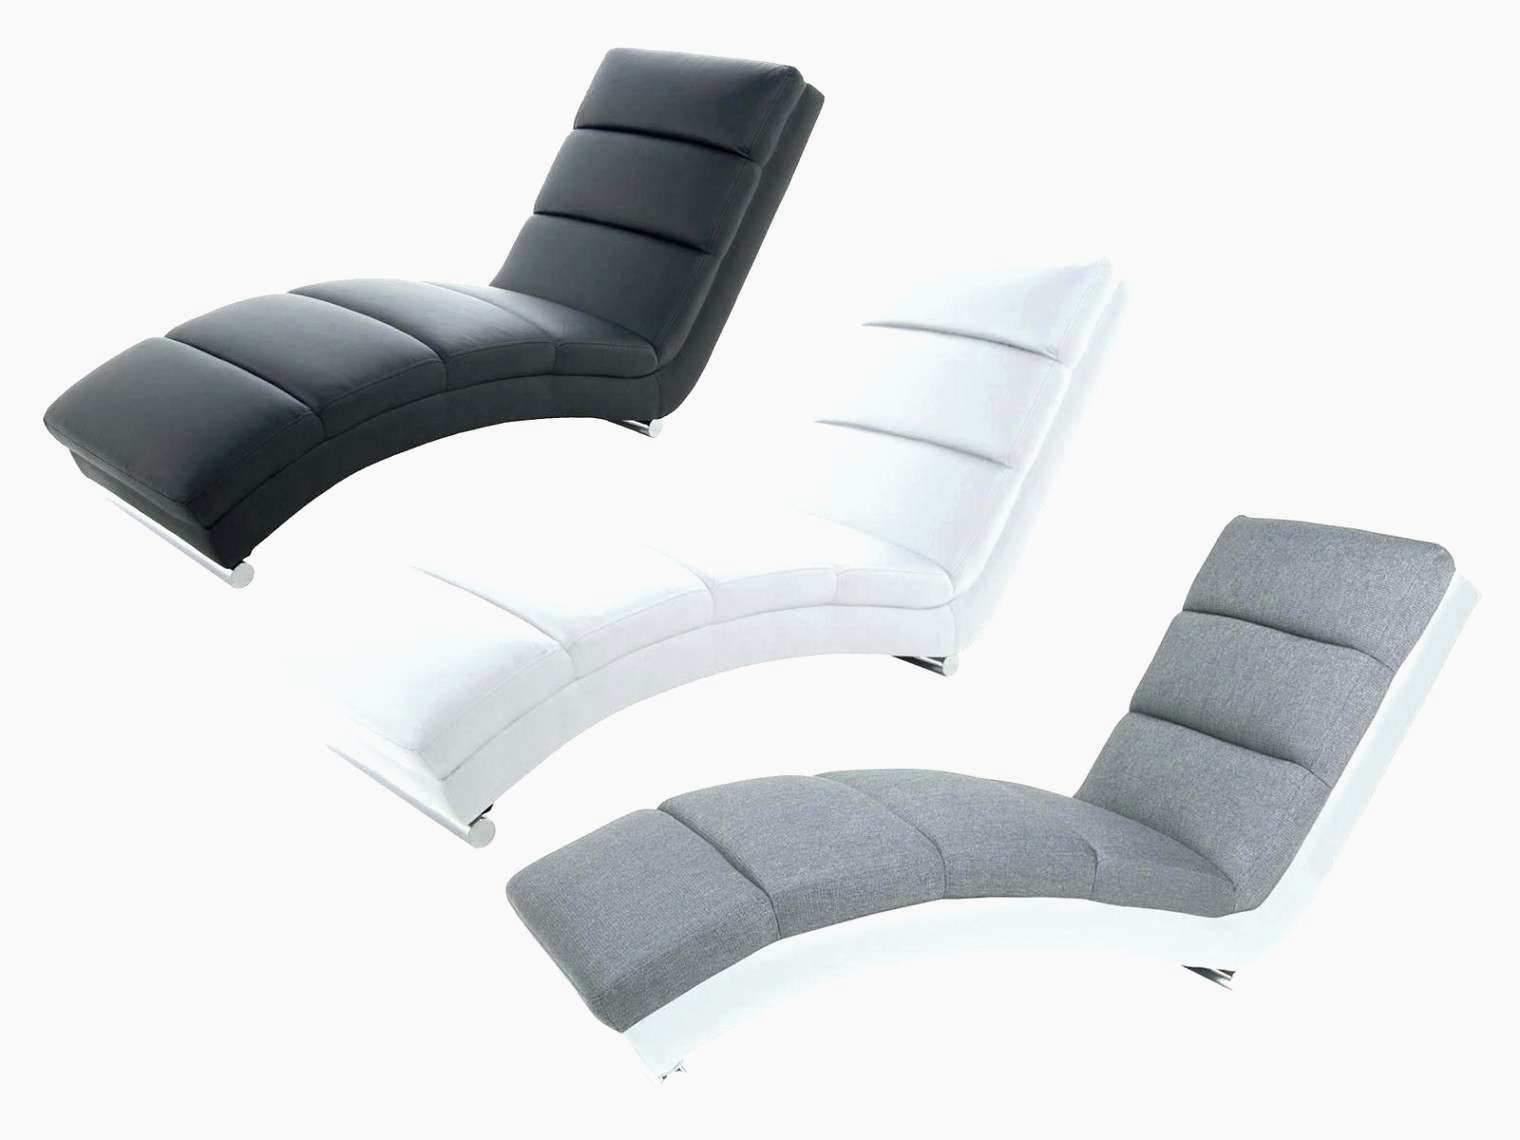 Full Size of Relaxliege Verstellbar 39 Das Beste Von Wohnzimmer Elegant Sofa Mit Verstellbarer Sitztiefe Garten Wohnzimmer Relaxliege Verstellbar